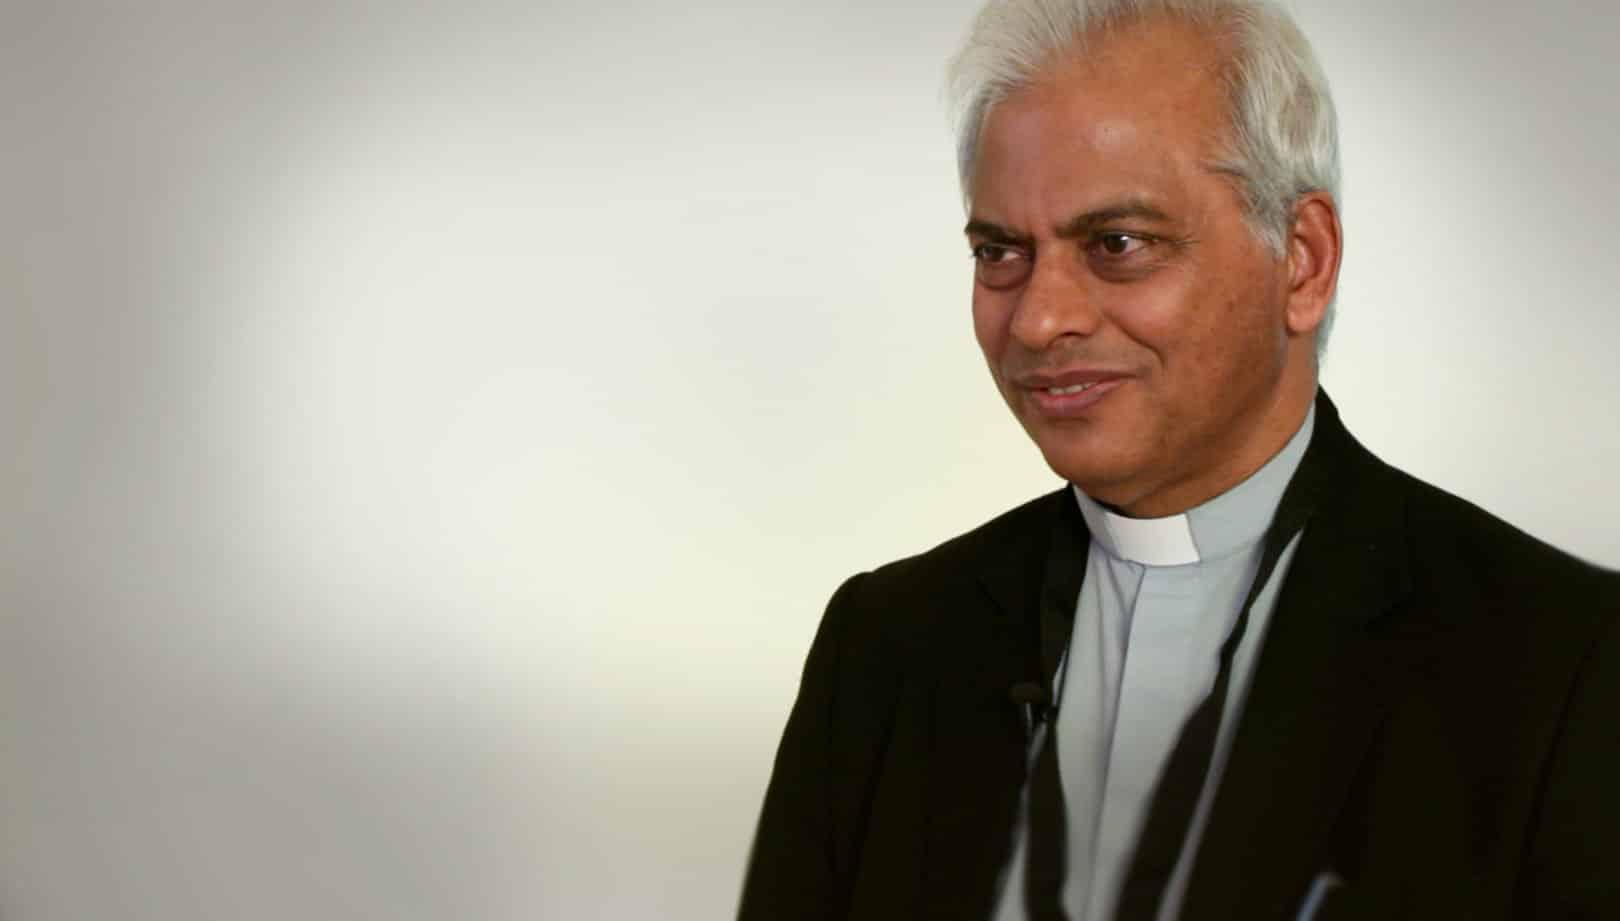 Impresionante testimonio del Padre Tom que fue secuestrado por miembros del Estado Islámico - Yemen 1